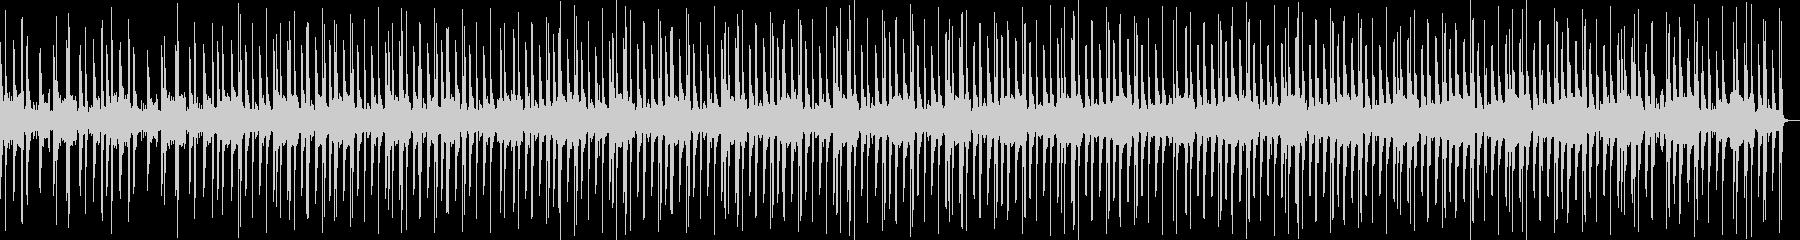 カッコイイギターフレーズのヒップホップの未再生の波形